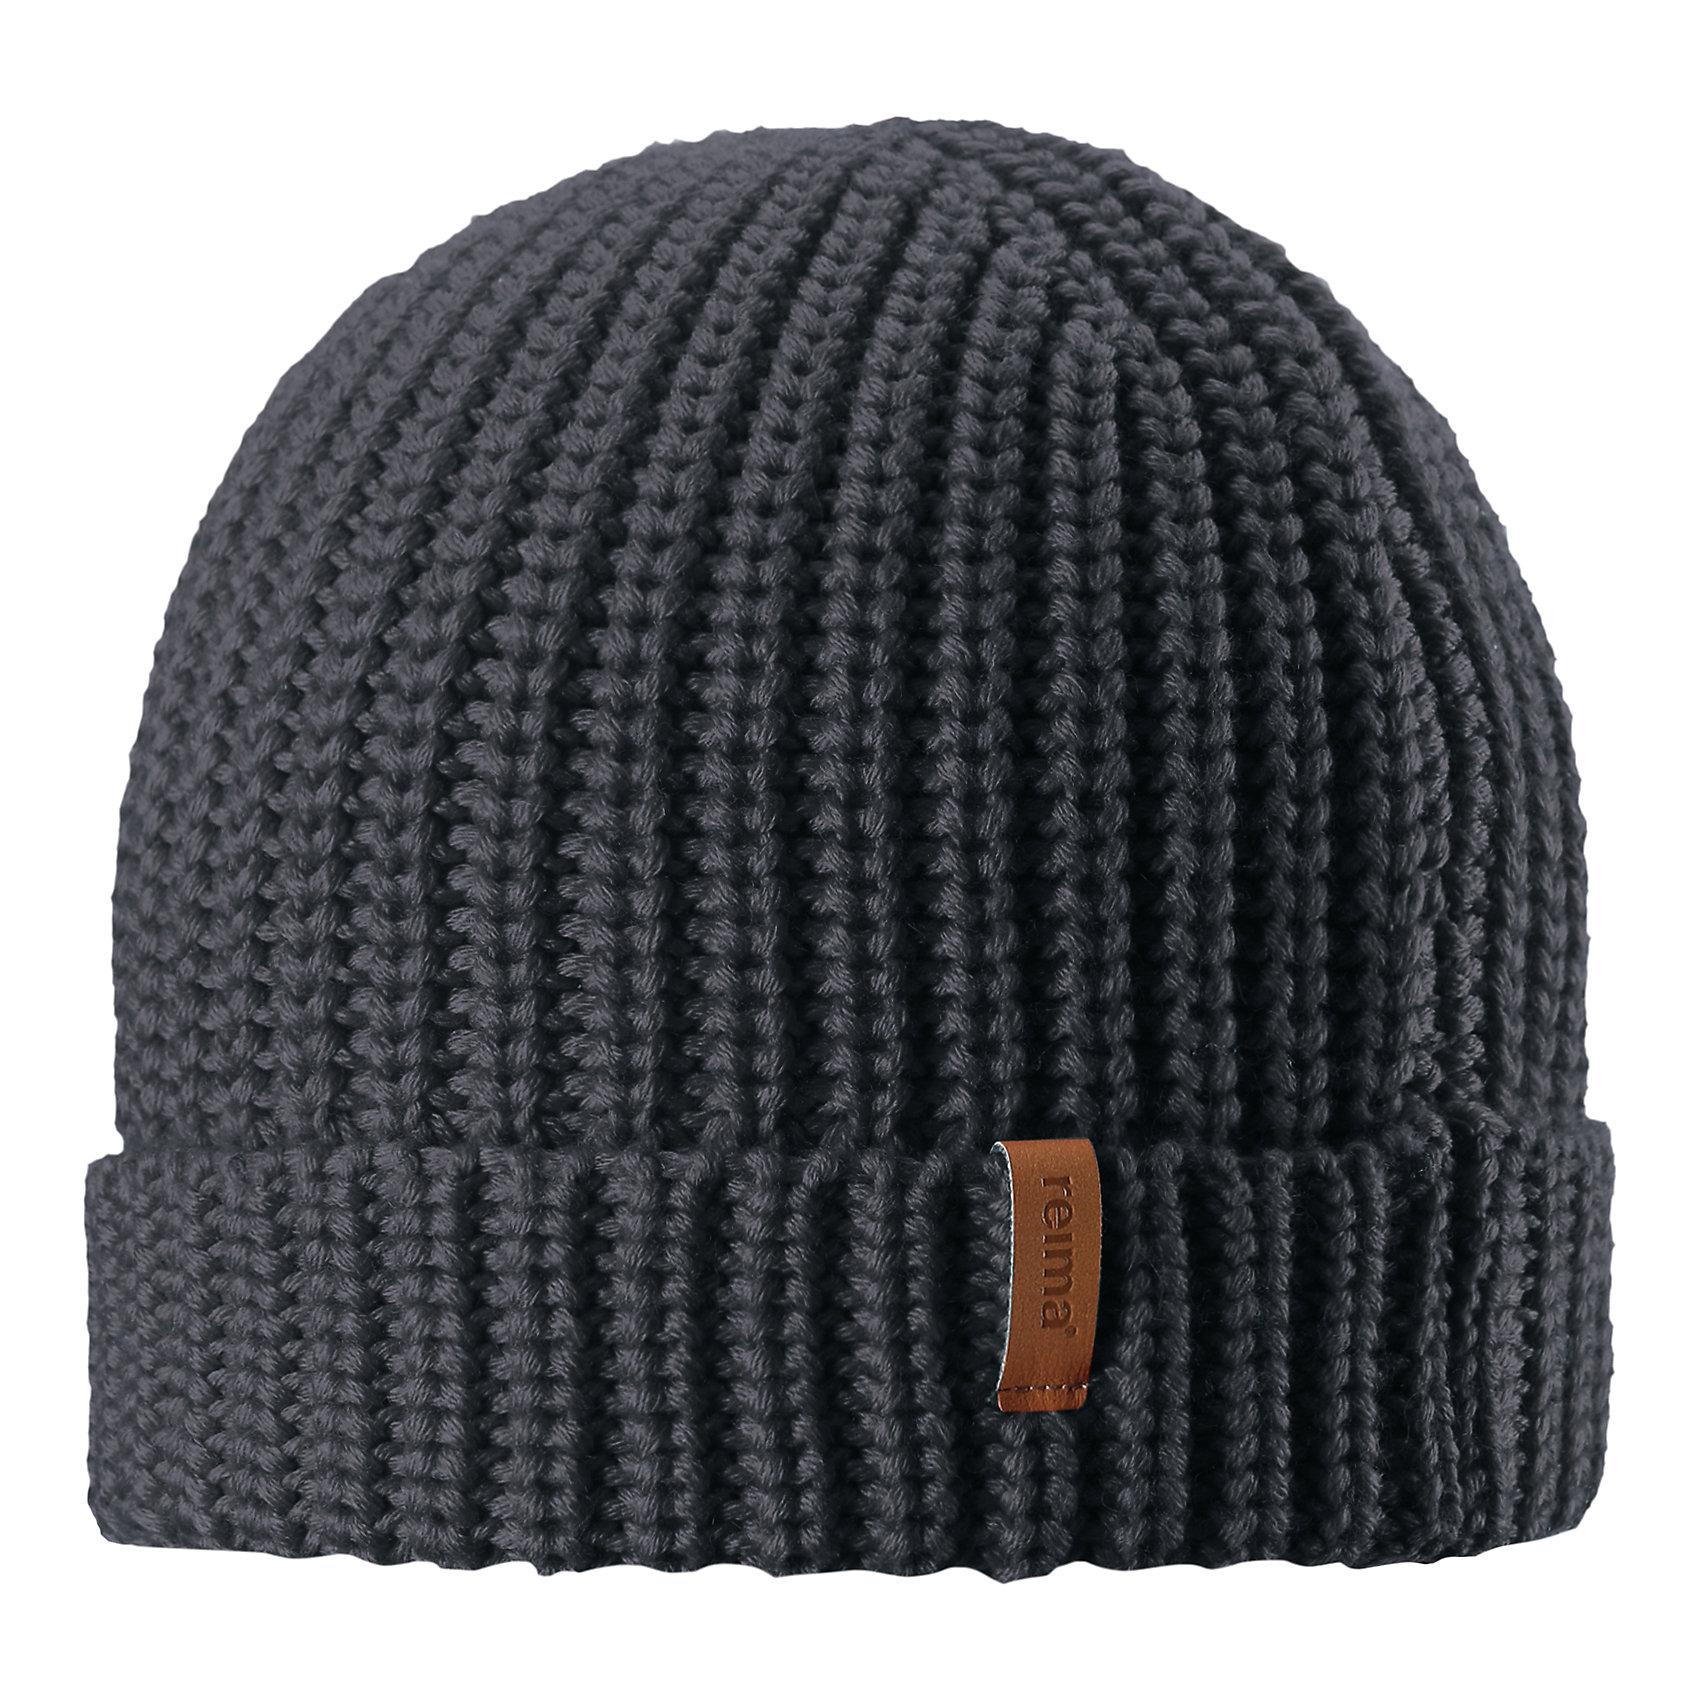 Шапка Reima VanttuuГоловные уборы<br>Характеристики товара:<br><br>• цвет: темно-синий;<br>• состав: 50% шерсть, 50% полиакрил;<br>• сезон: демисезон;<br>• температурный режим: от +10 до 0С;<br>• шерсть идеально поддерживает температуру;<br>• мягкая и теплая ткань из смеси шерсти;<br>• легкий стиль, без подкладки;<br>• логотип Reima® спереди;<br>• страна бренда: Финляндия;<br>• страна изготовитель: Китай.<br><br>Детская шапка из теплого полушерстяного трикотажа. Шерсть – превосходный терморегулятор. Облегченная модель без подкладки. Оригинальный структурный узор дополняет образ.<br><br>Шапку Vanttuu Reima от финского бренда Reima (Рейма) можно купить в нашем интернет-магазине.<br><br>Ширина мм: 89<br>Глубина мм: 117<br>Высота мм: 44<br>Вес г: 155<br>Цвет: серый<br>Возраст от месяцев: 72<br>Возраст до месяцев: 84<br>Пол: Унисекс<br>Возраст: Детский<br>Размер: 54-56,50-52<br>SKU: 6902535